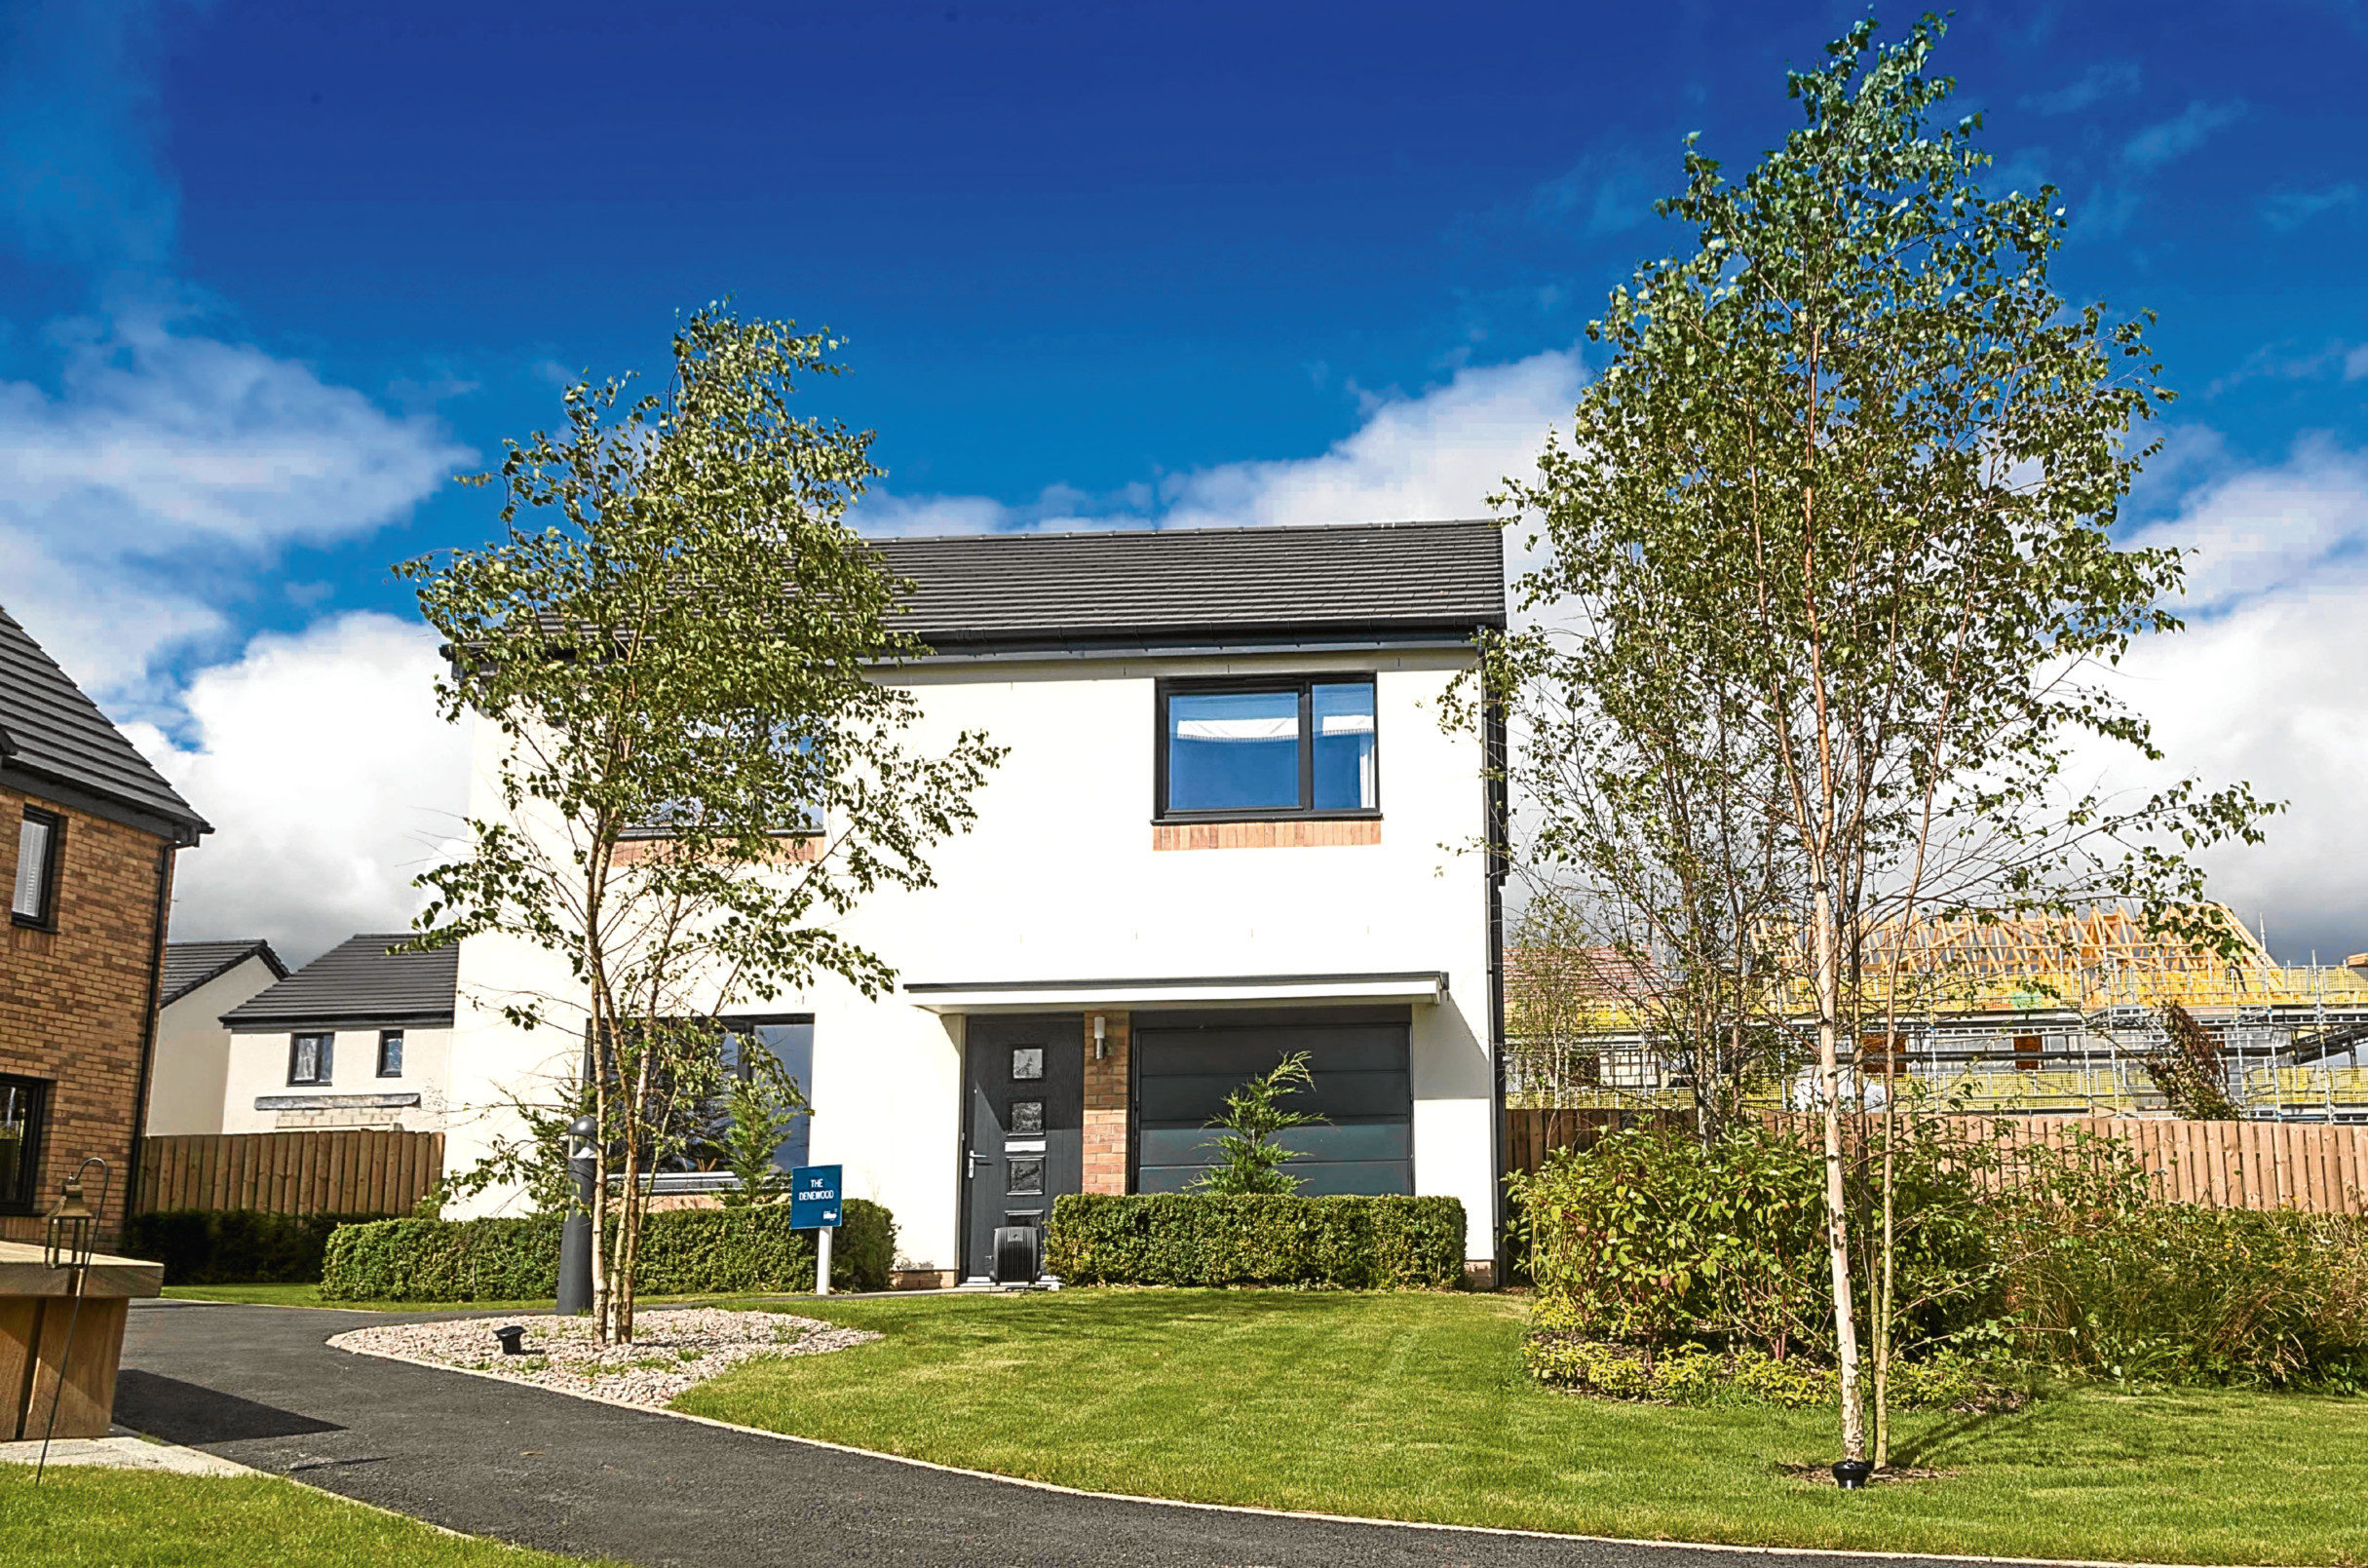 Countesswells housing development in Aberdeen